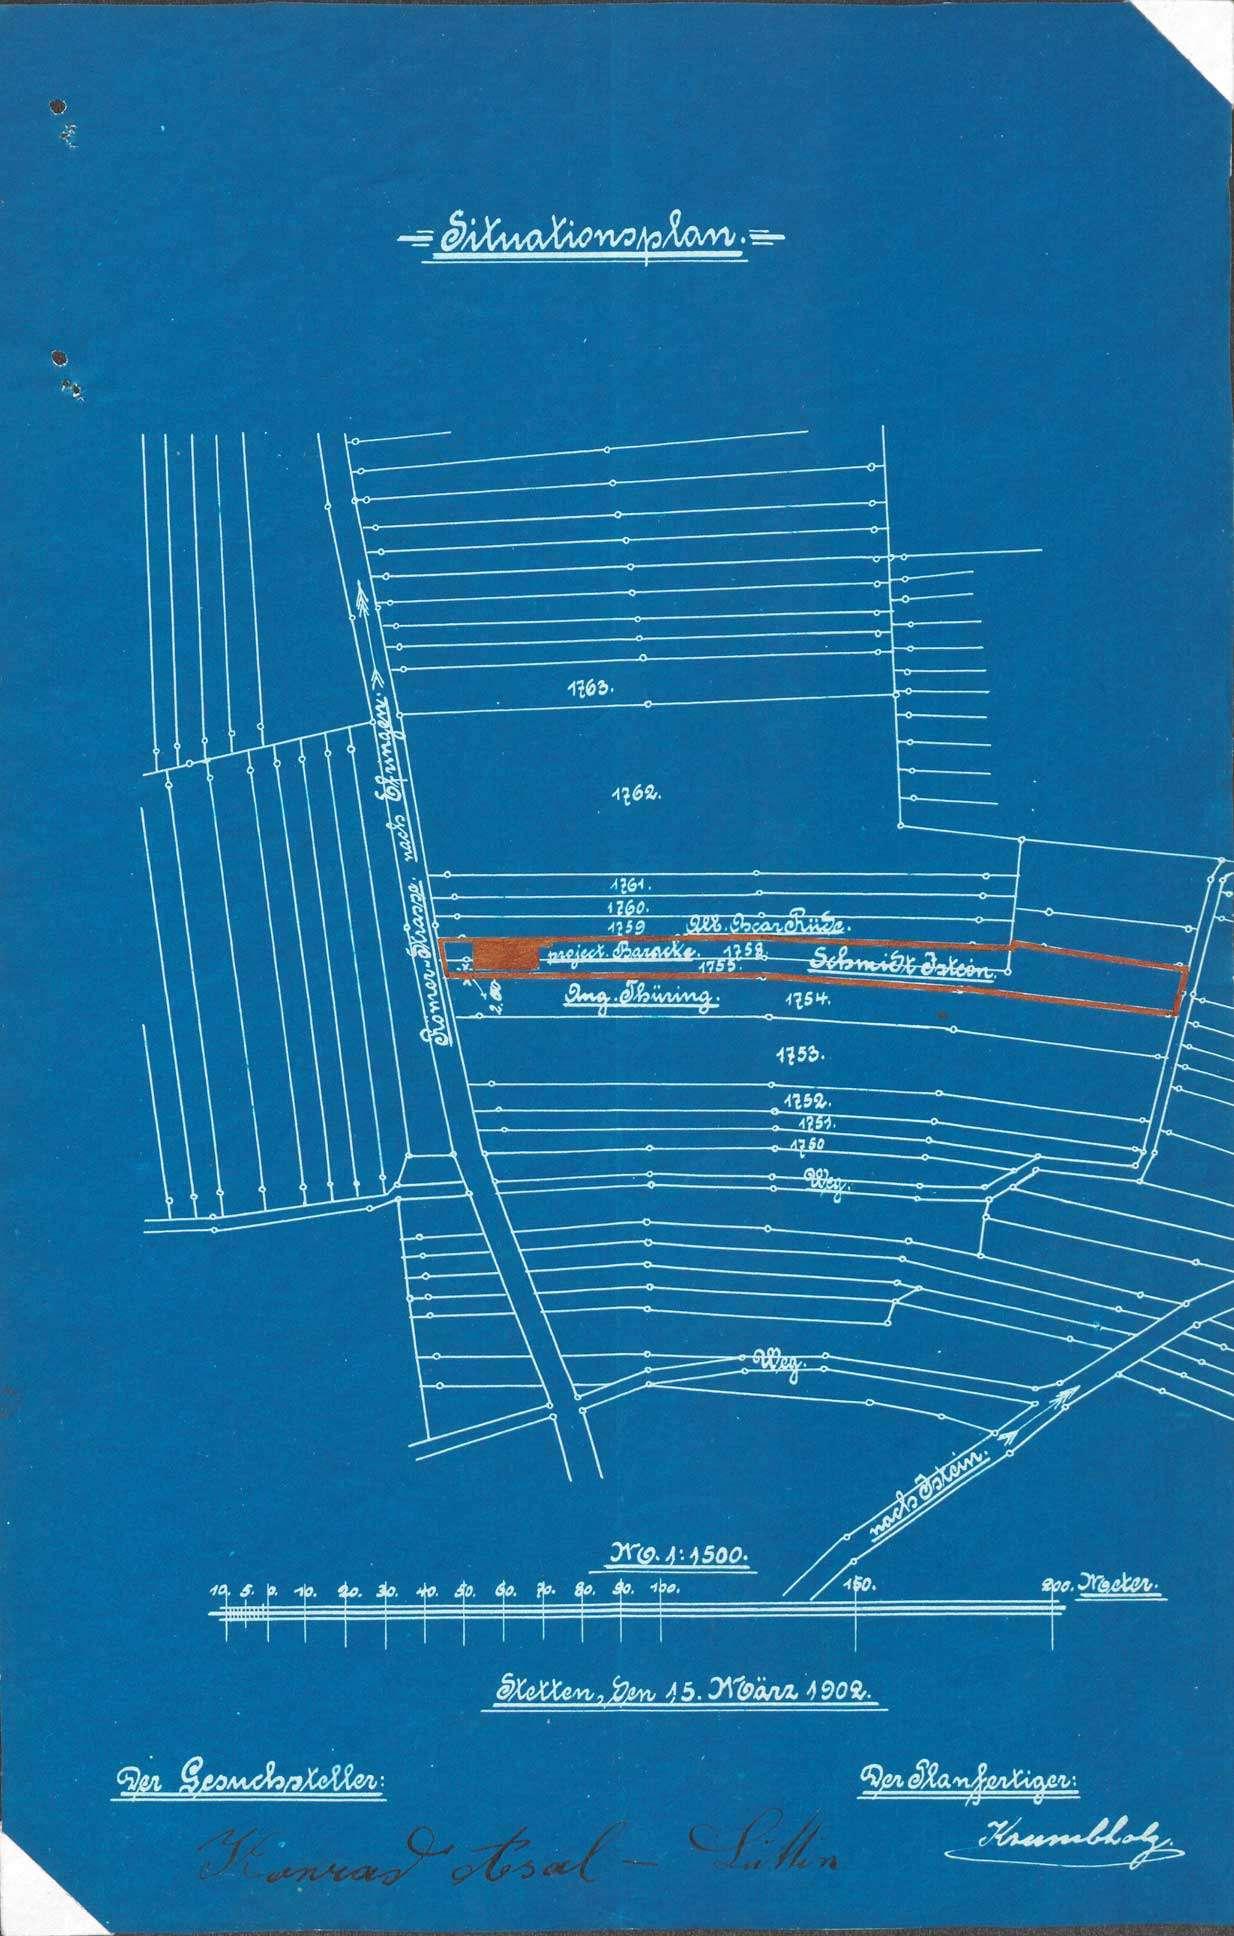 Gesuch des Conrad Asal von Stetten um Erlaubnis zum Betrieb einer Barackenwirtschaft auf Gemarkung Huttingen, Bild 1